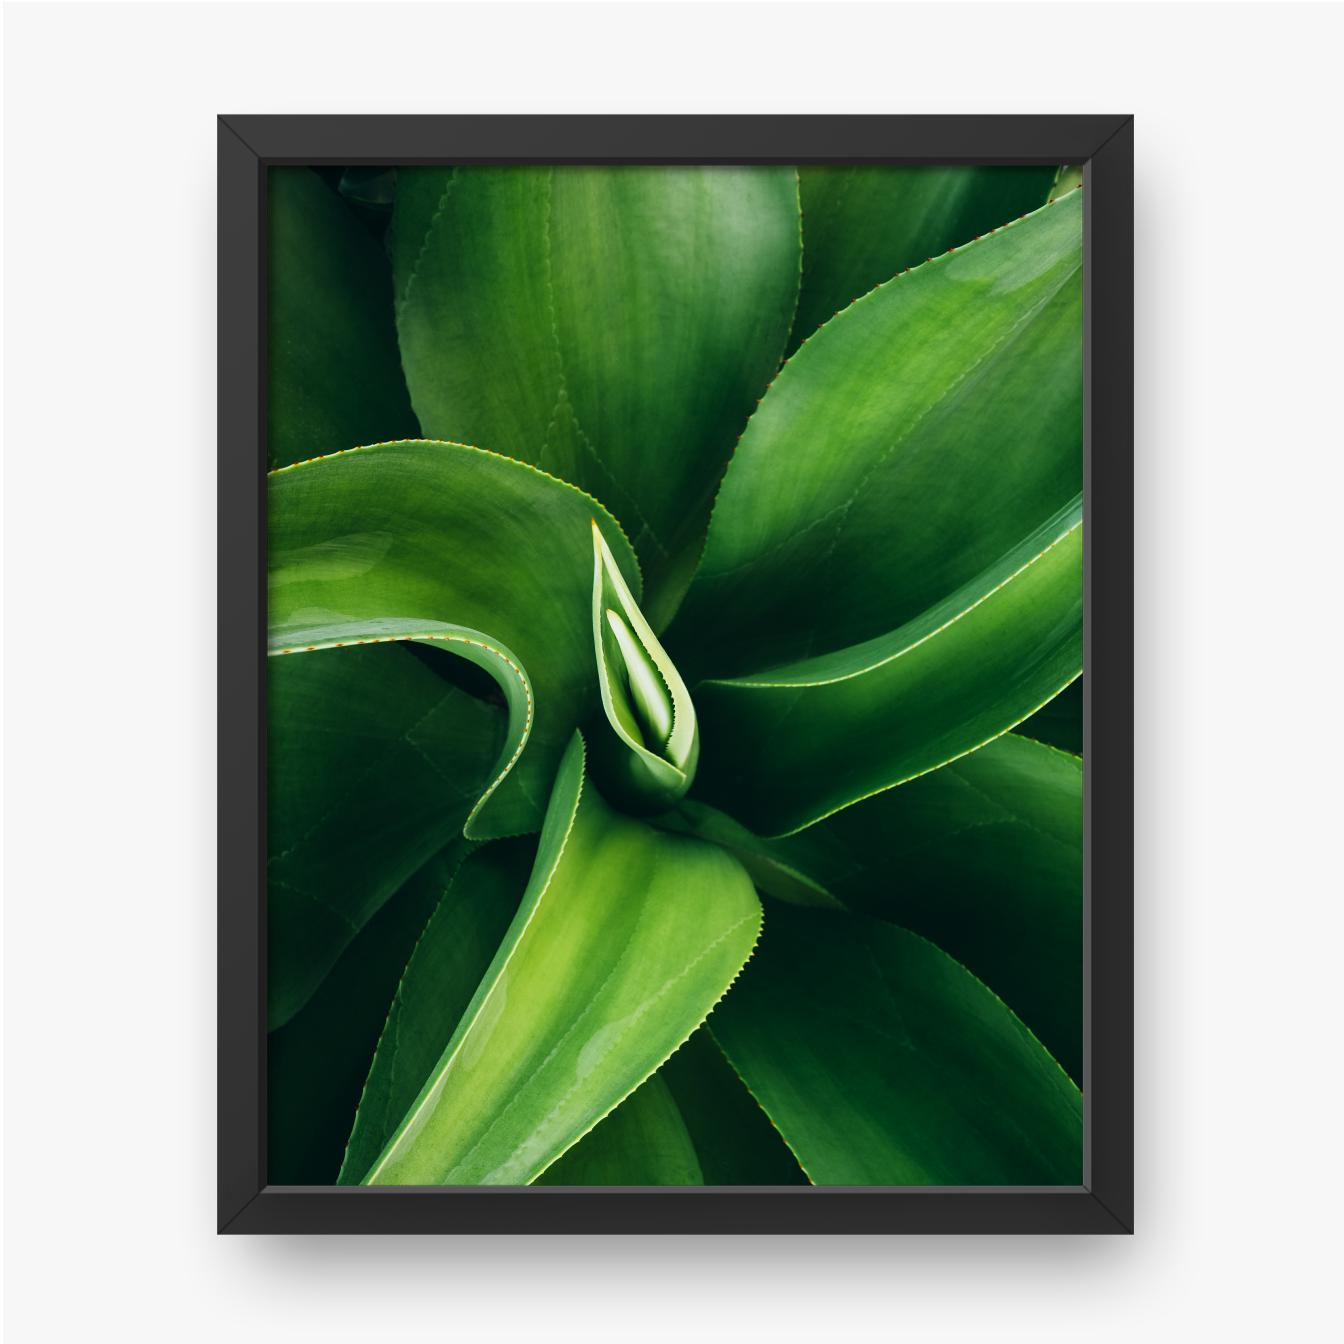 Grüne Blattpflanze